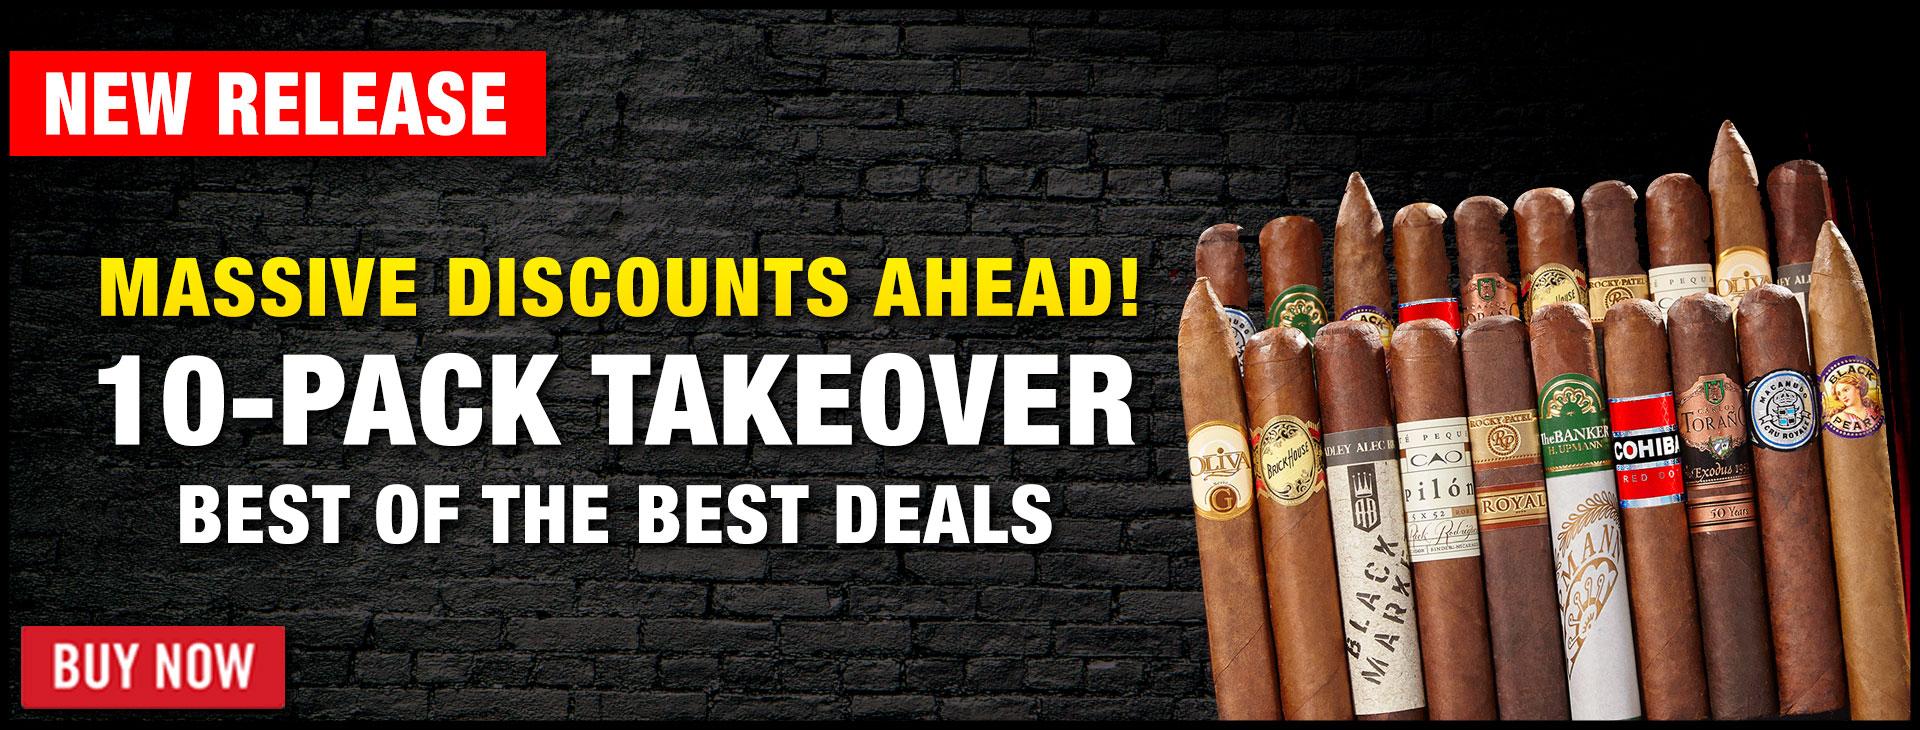 10-pack-takeover-2021-banner.jpg